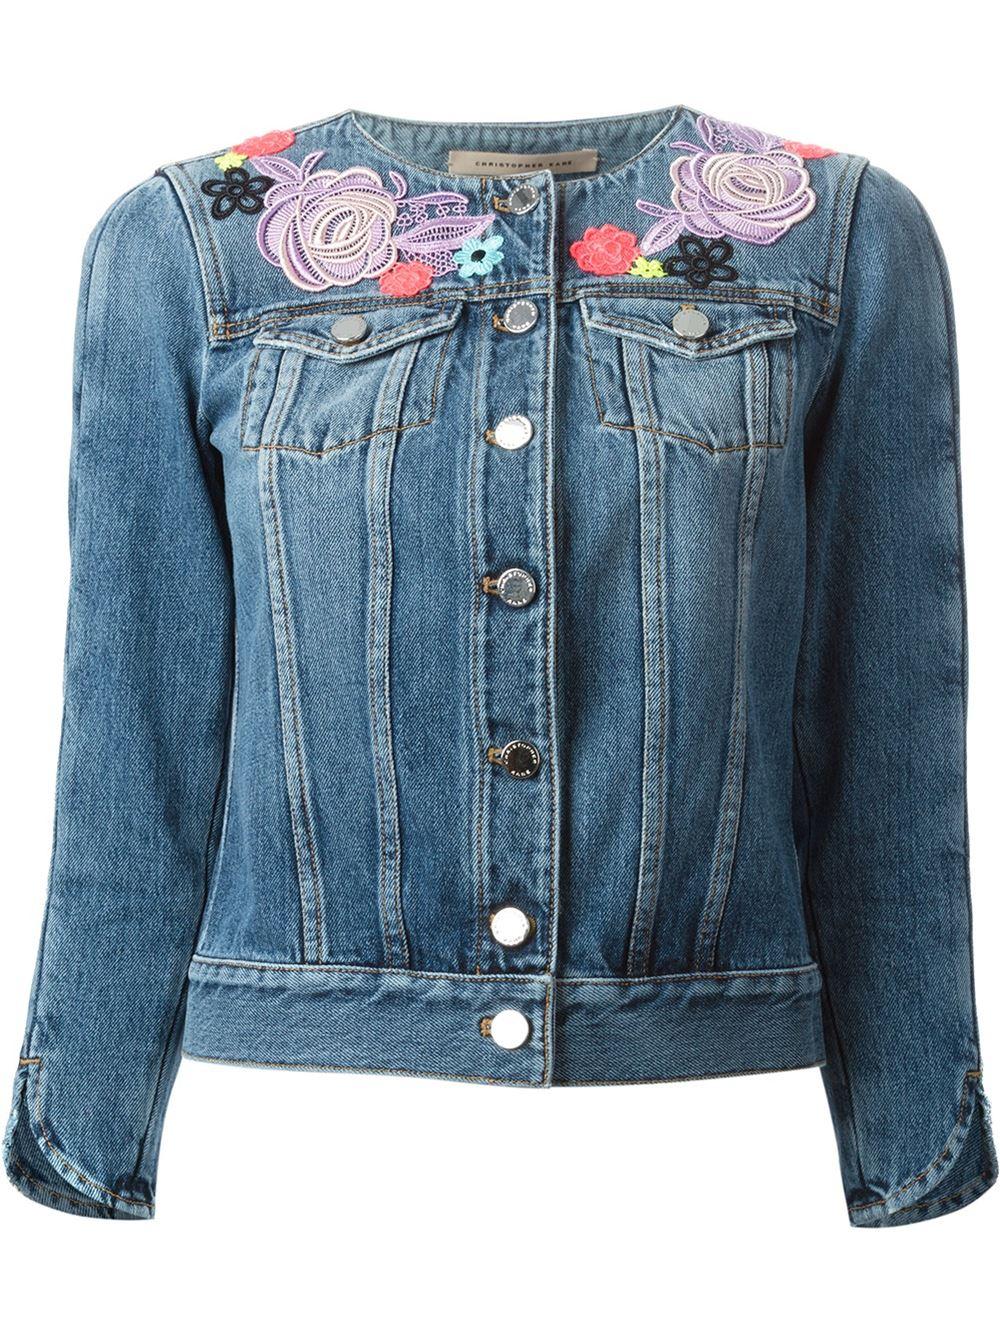 Christopher Kane Floral Broderie Denim Jacket In Blue Lyst